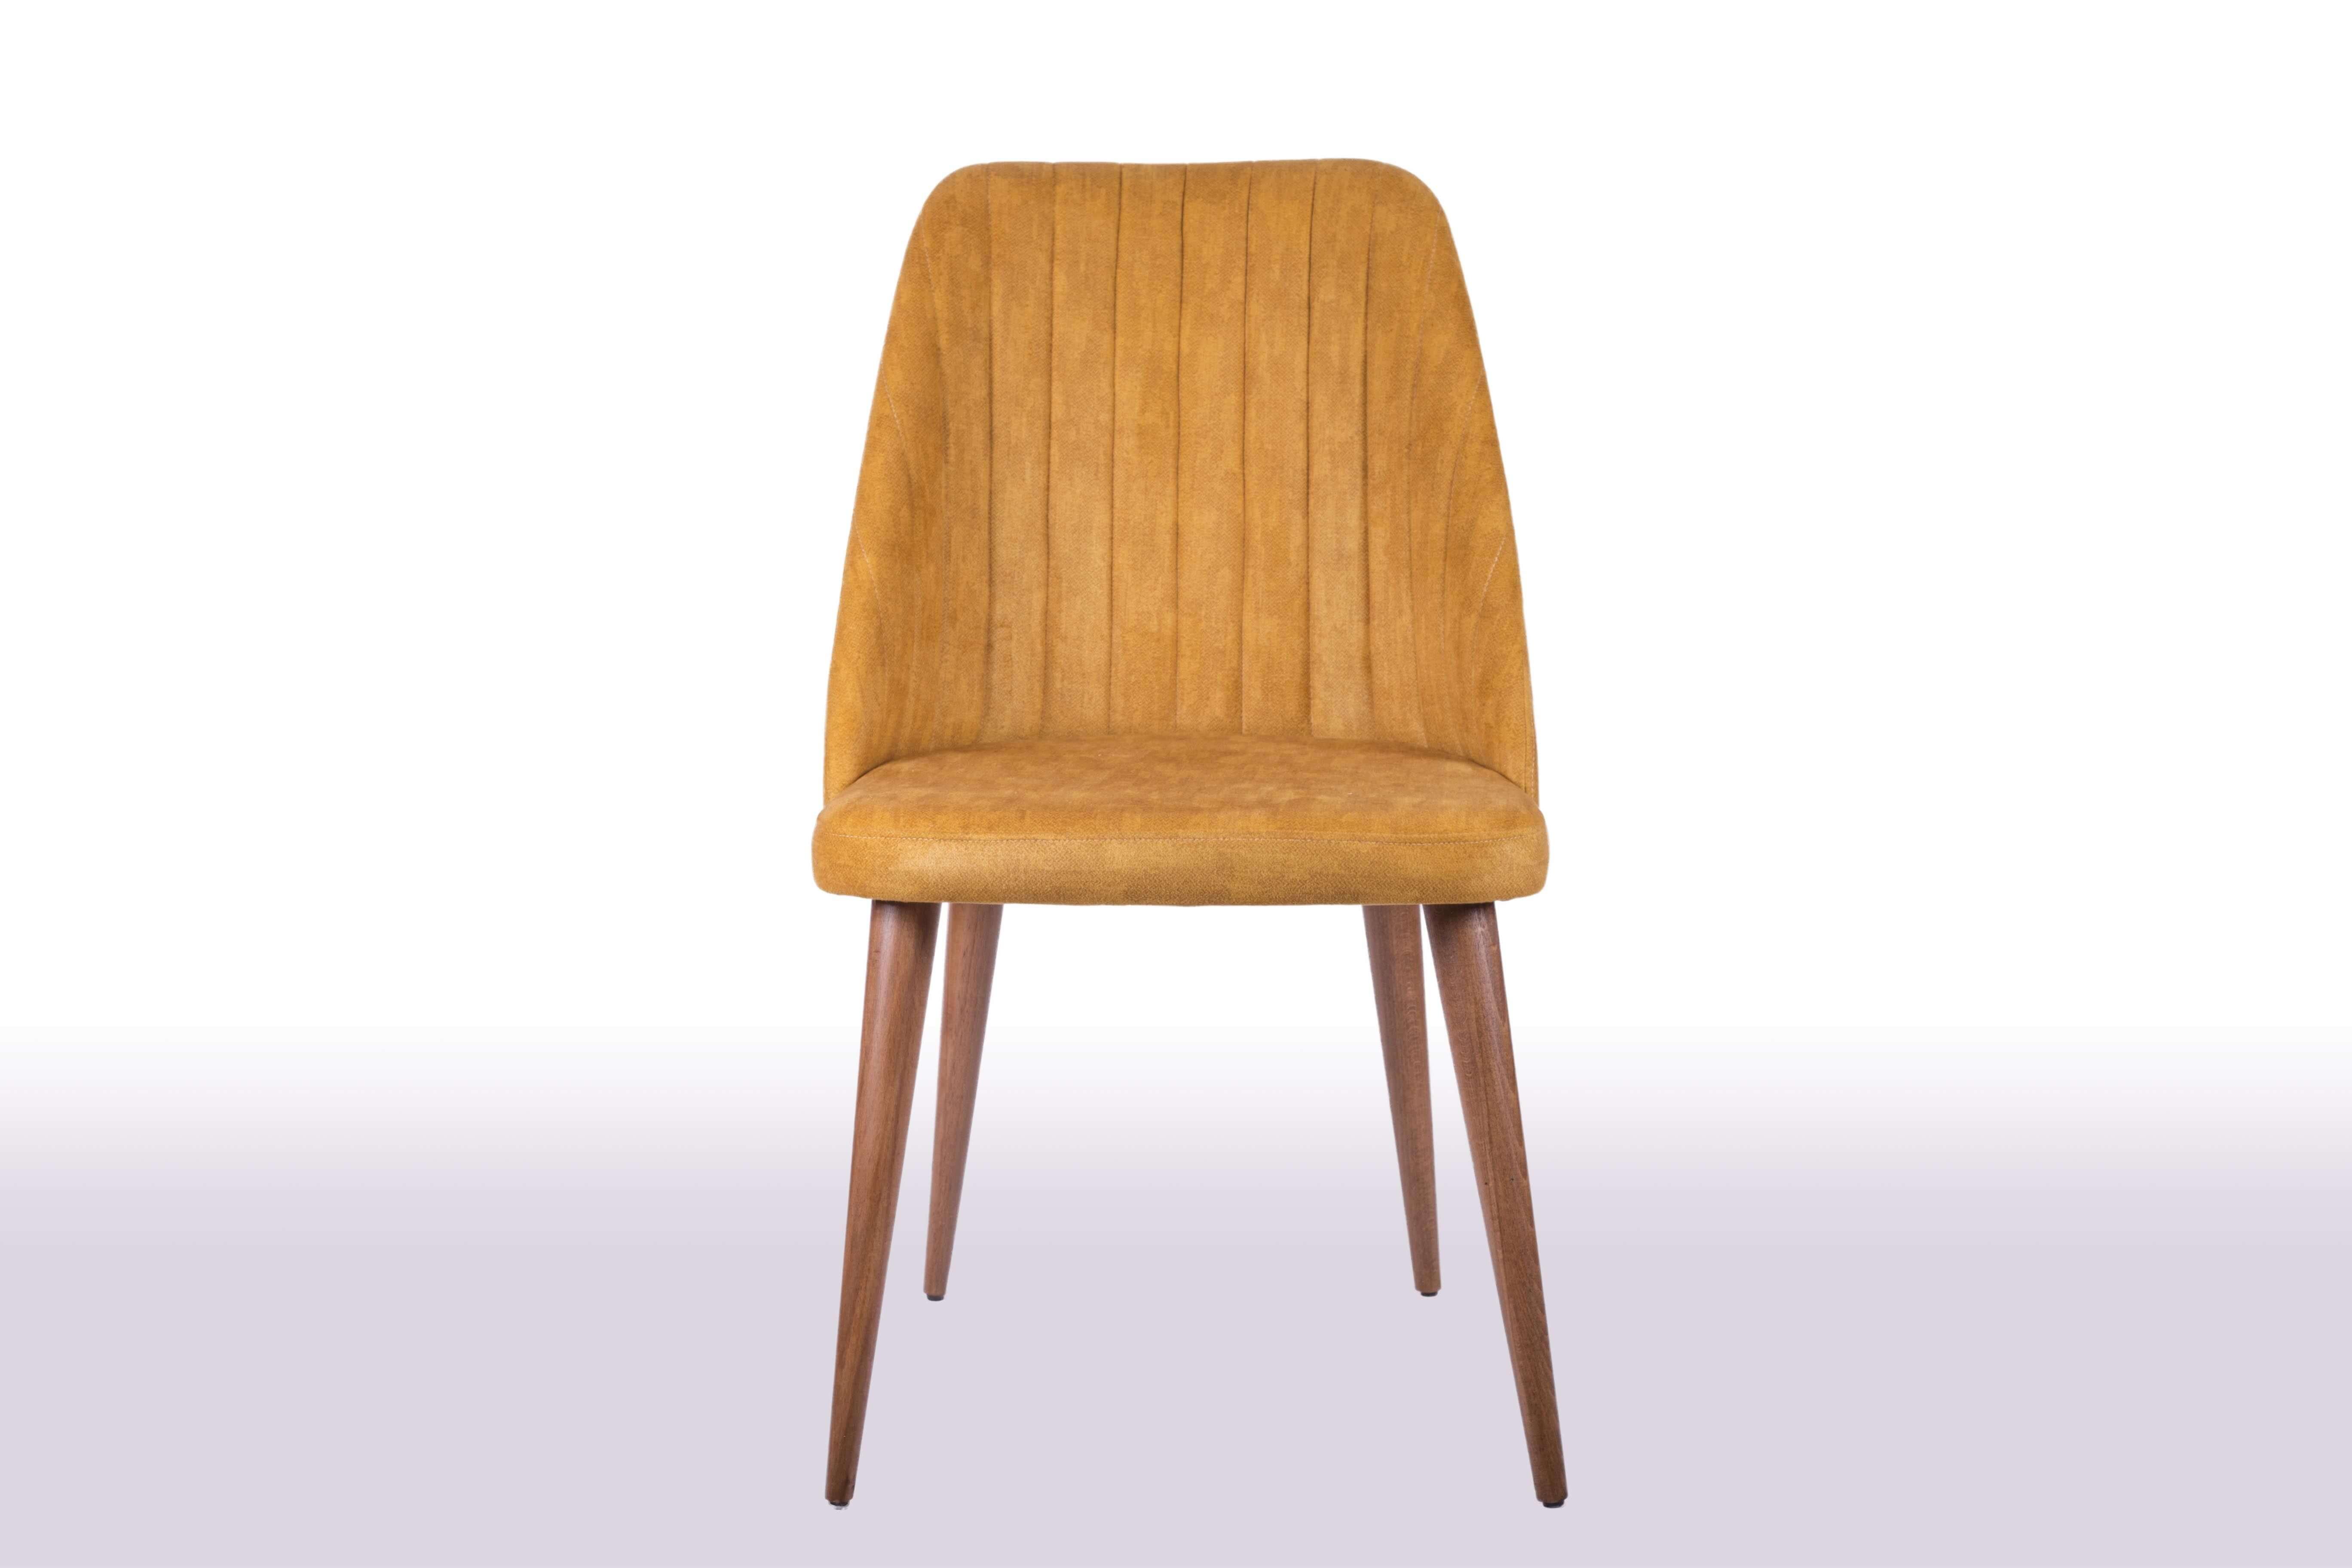 Luna Sandalye Modeli Ön Görünüm